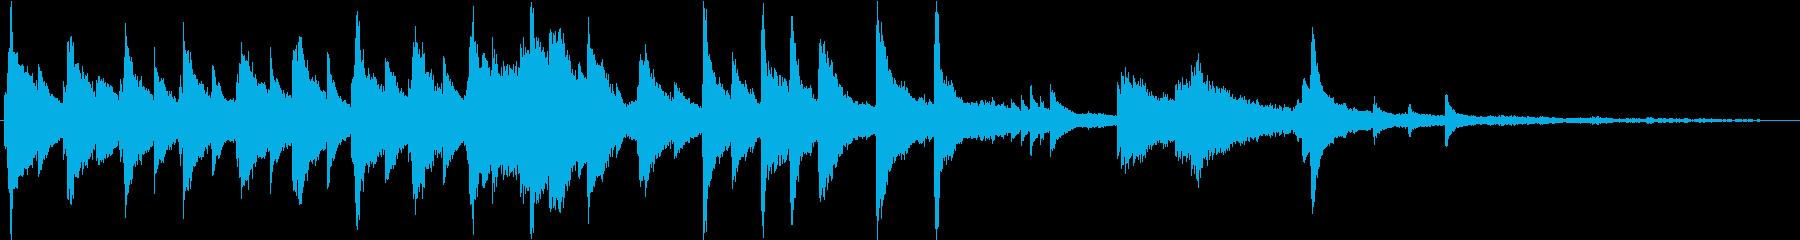 約50秒。感傷的な短いピアノソロ楽曲の再生済みの波形